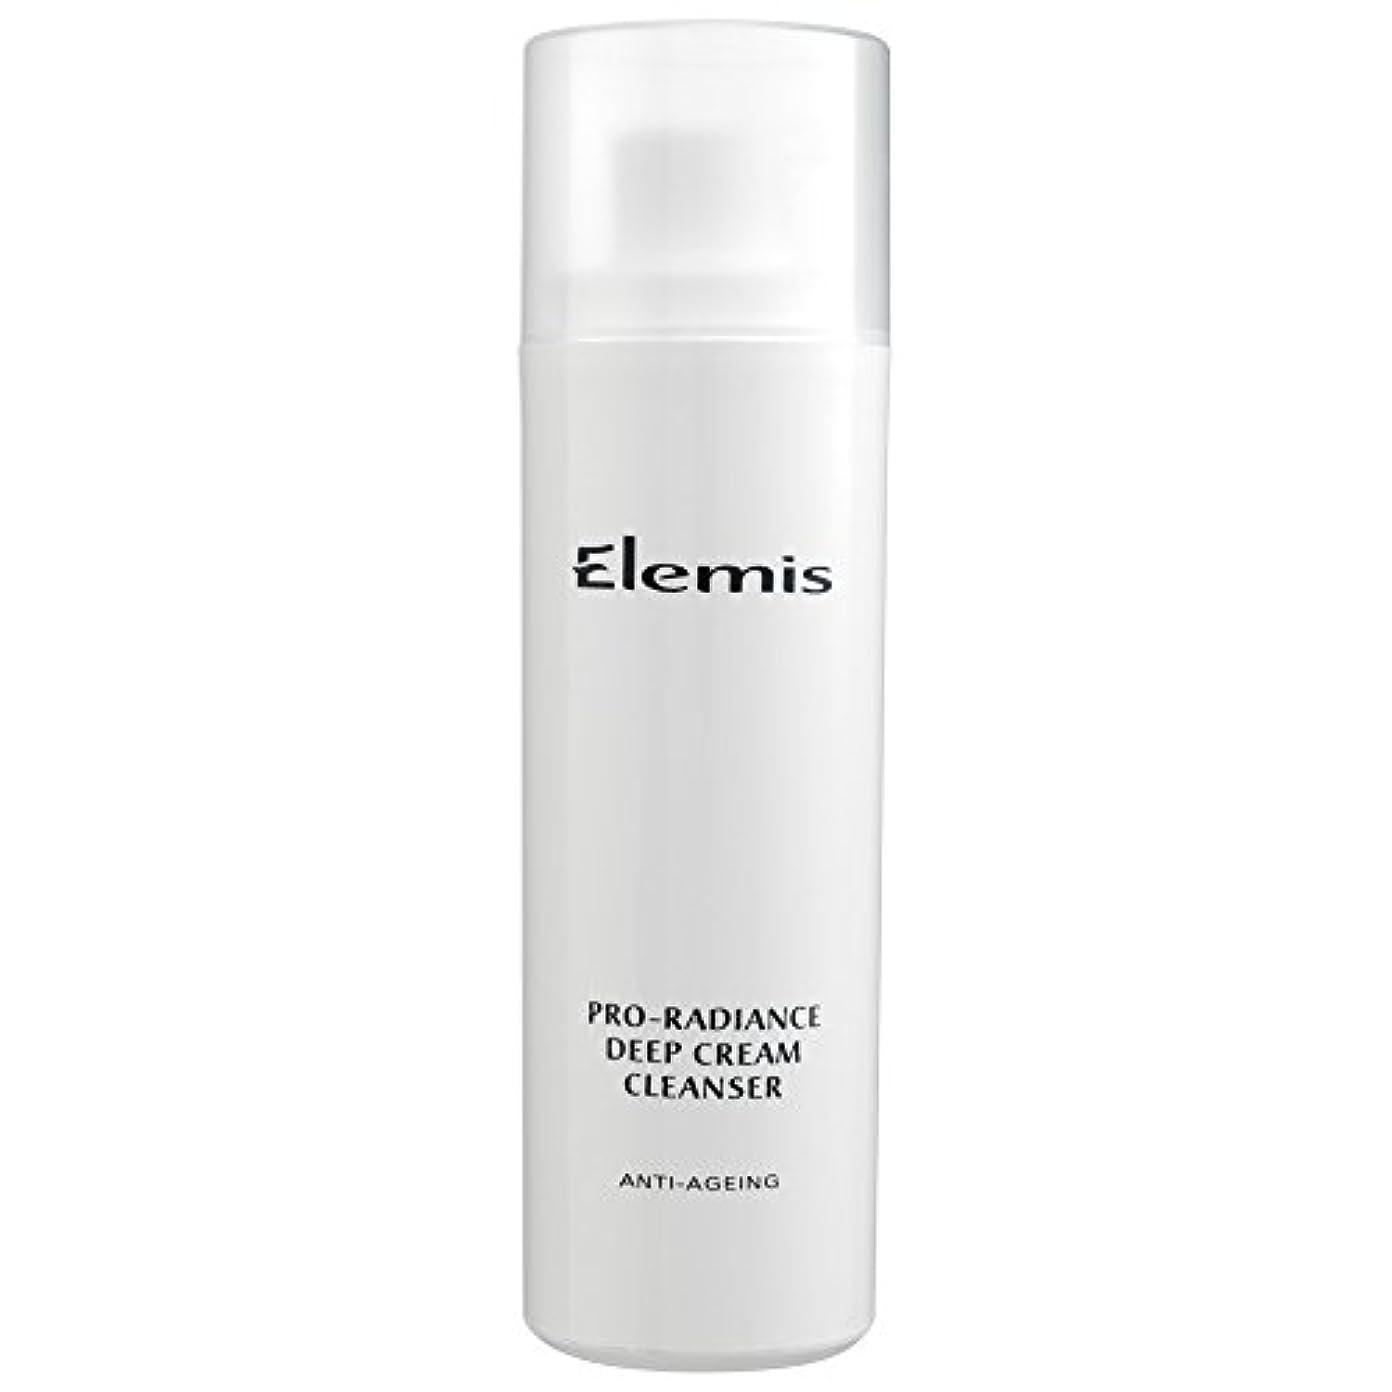 脅威有能な同級生エレミスプロ輝きクリームクレンザー、150ミリリットル (Elemis) - Elemis Pro-Radiance Cream Cleanser, 150ml [並行輸入品]